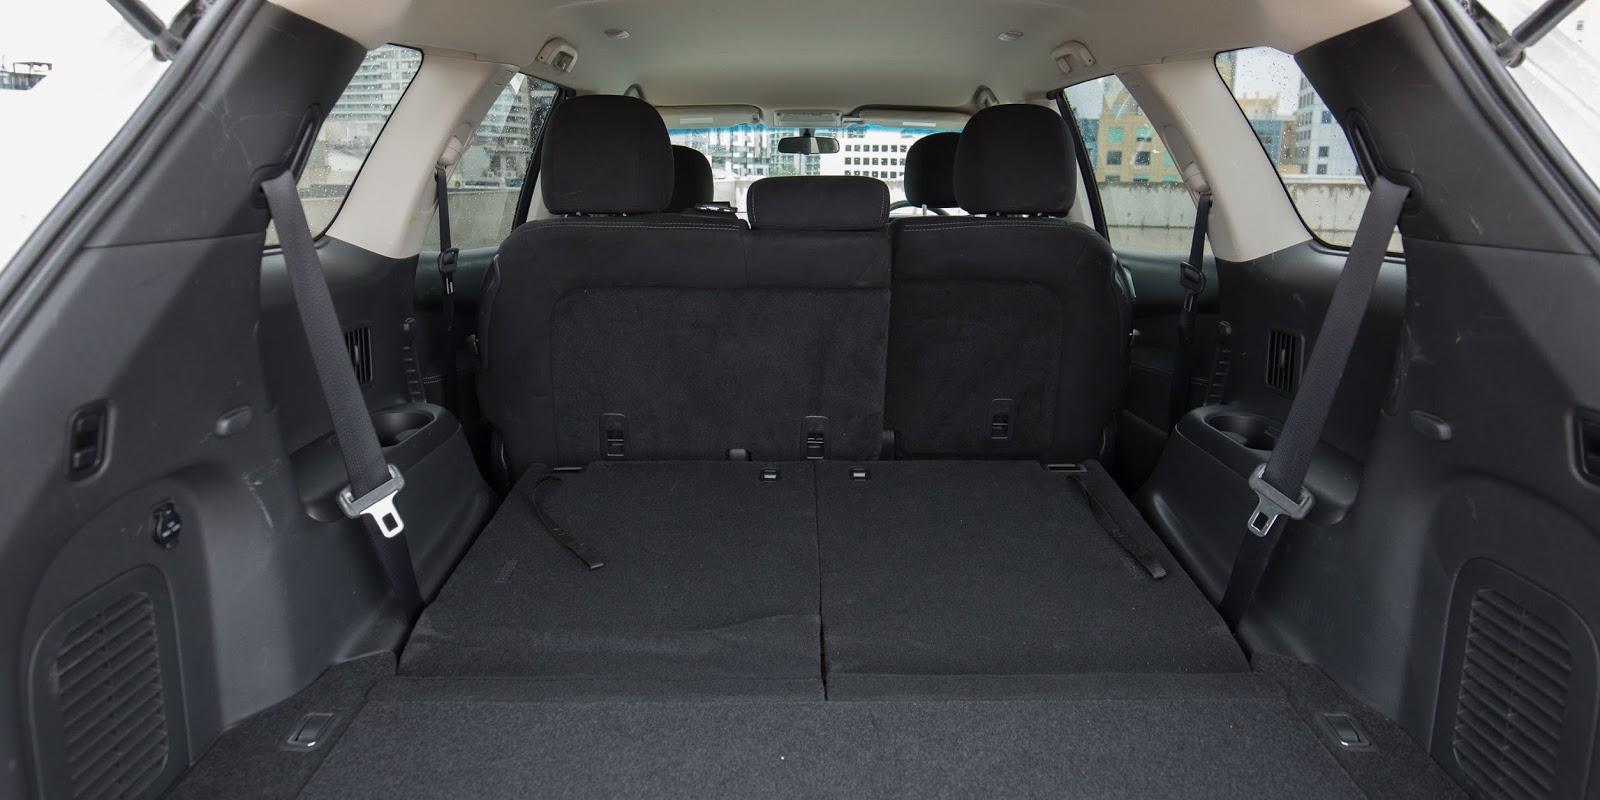 Khoang hành lý chính là điểm cộng Terocket dành cho Nissan Pathfinder 2016